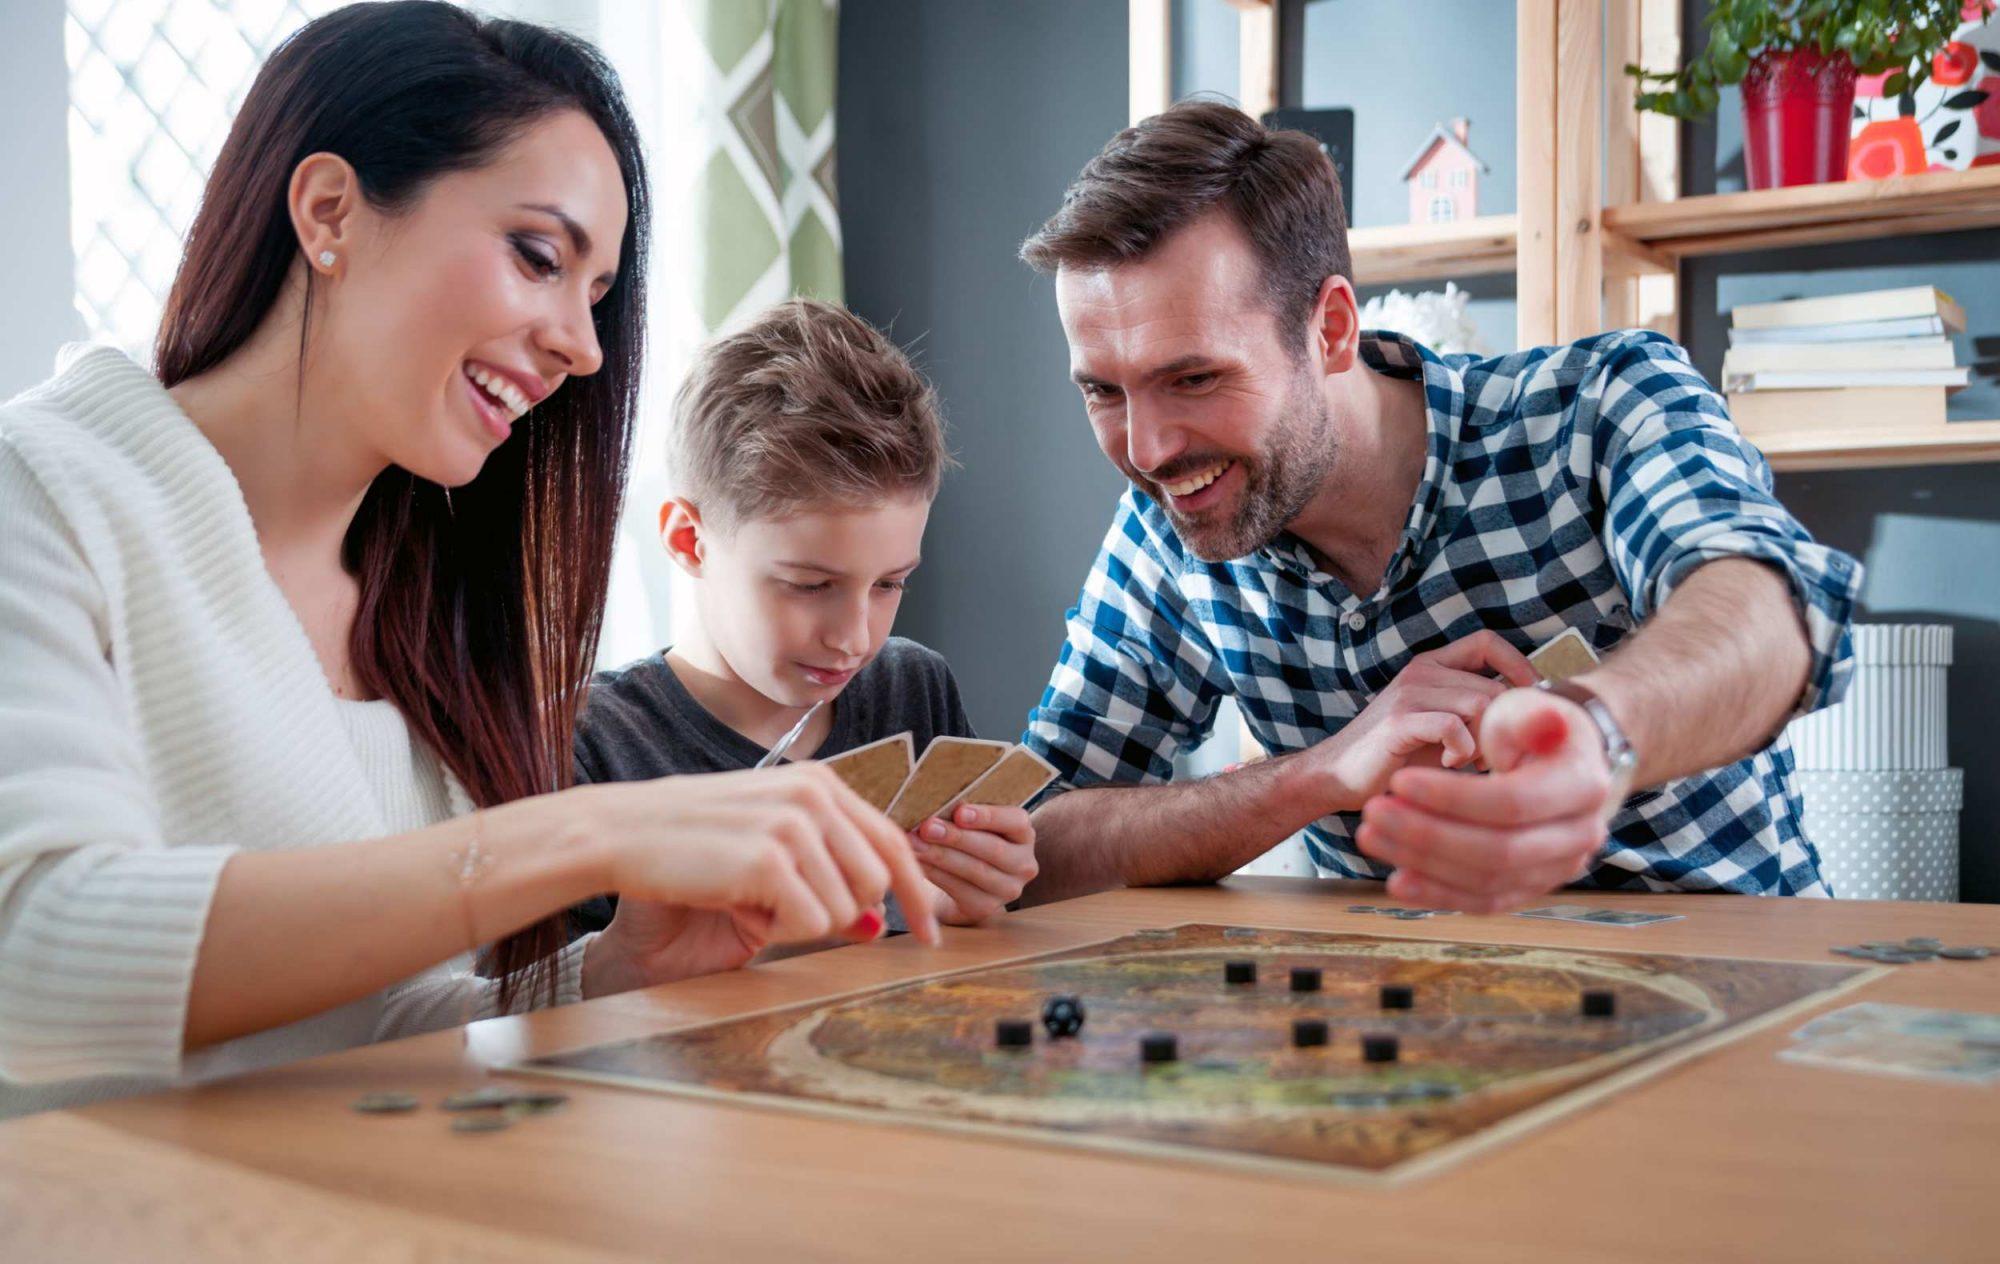 Comment créer le jeu de société de vos rêves ?